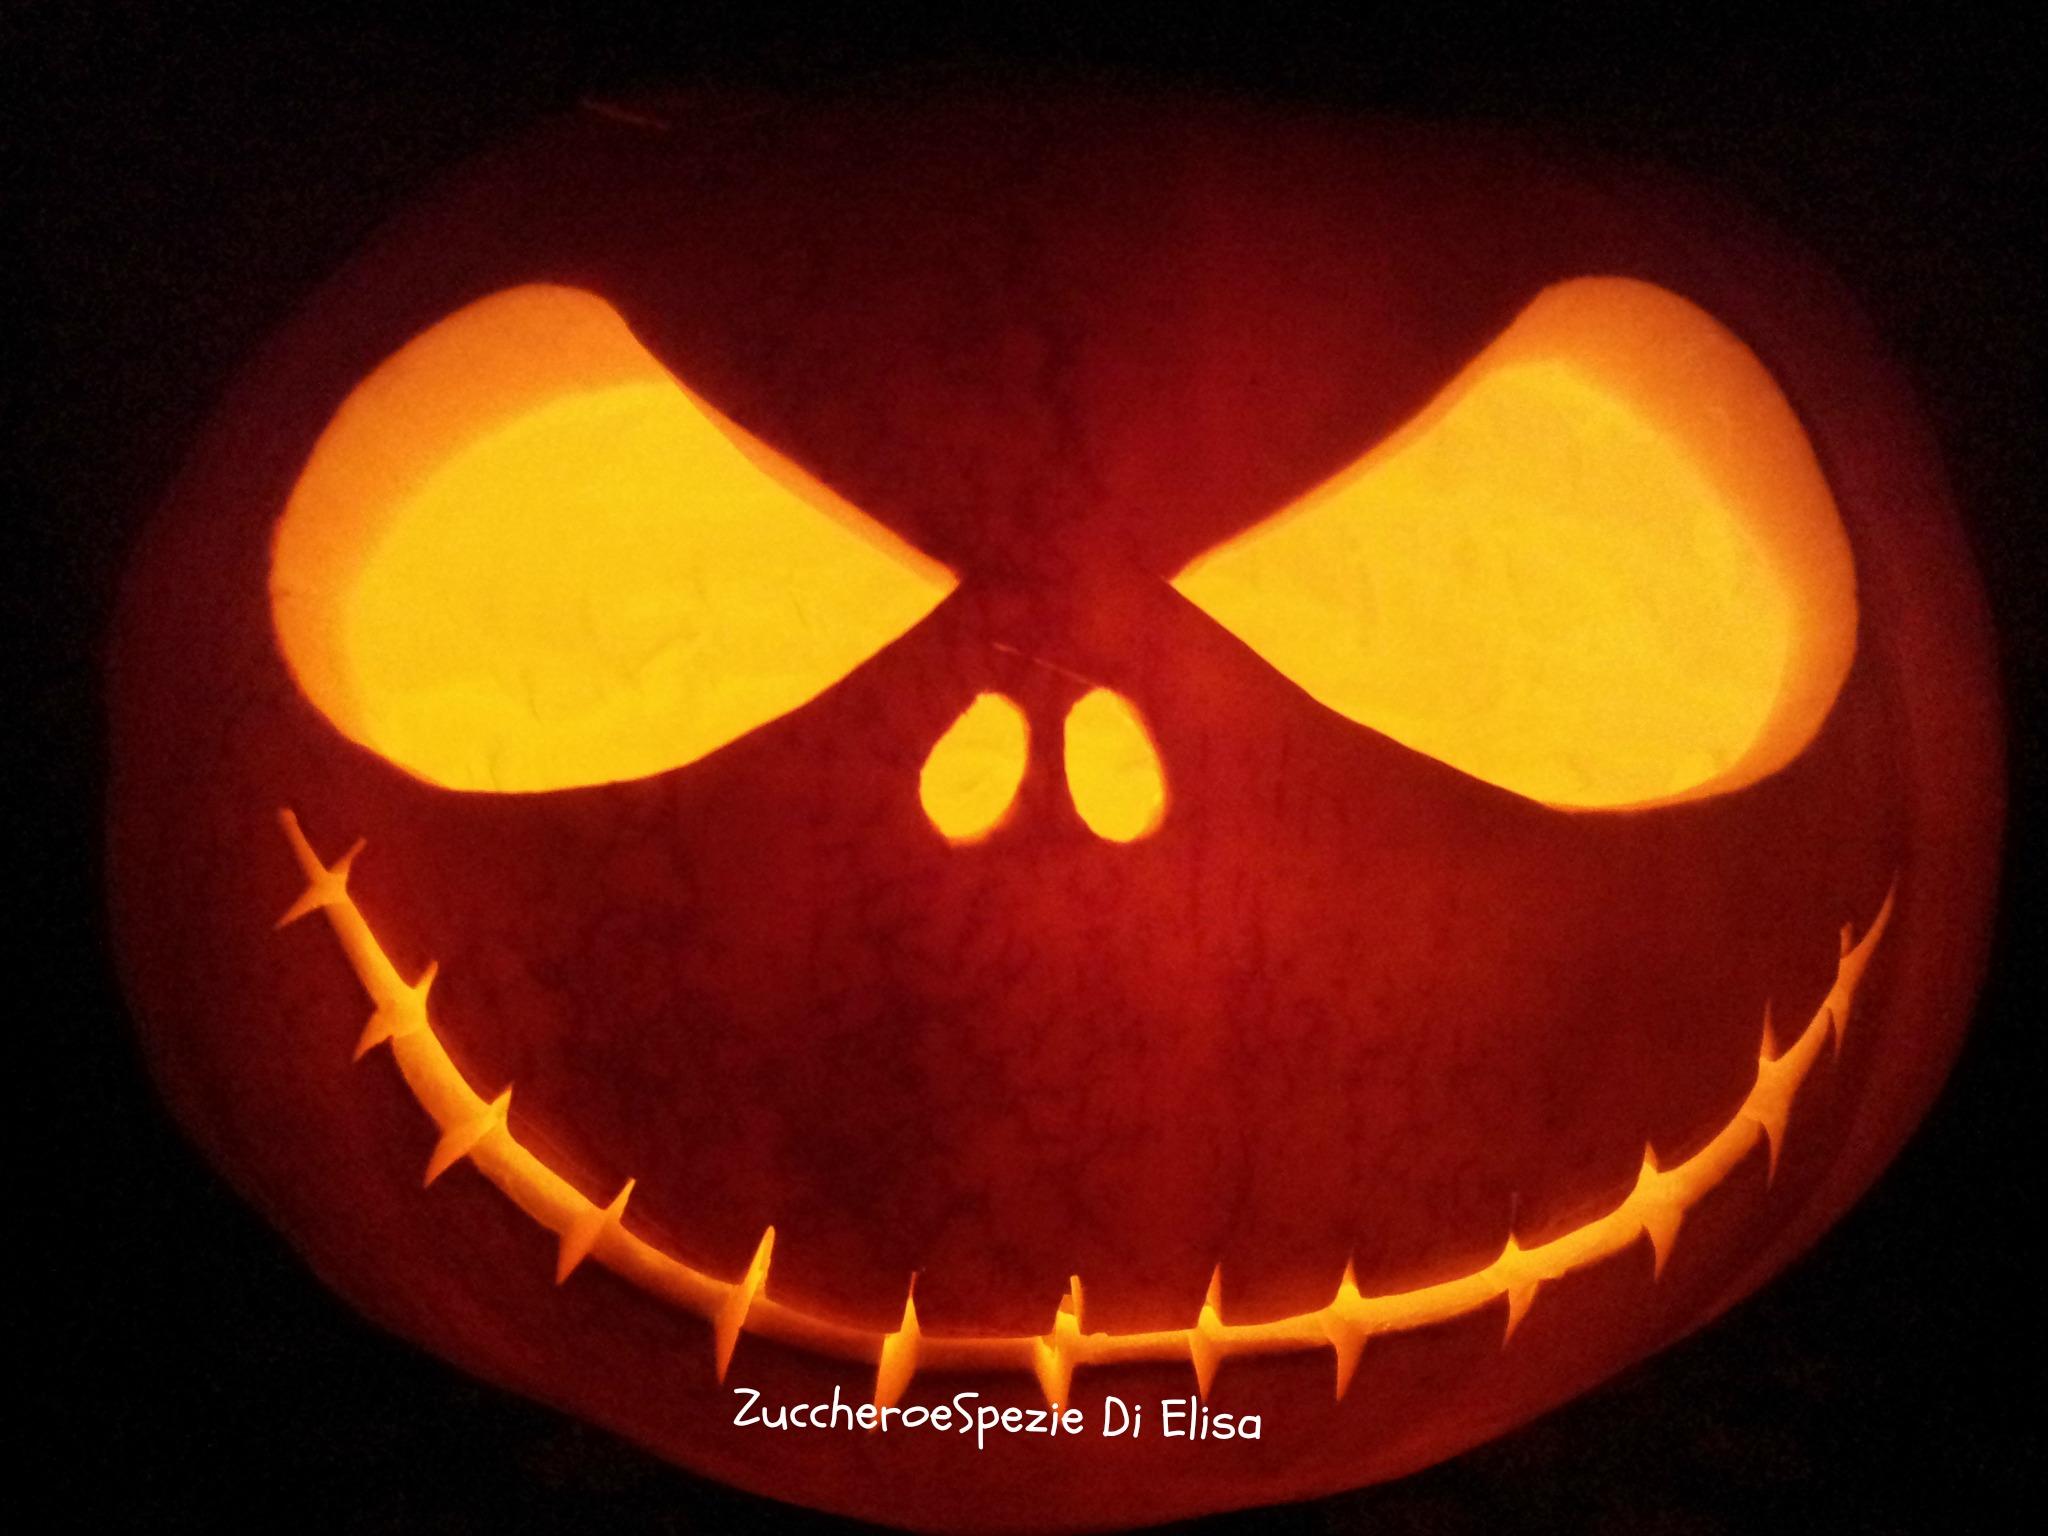 Come Fare Zucca Di Halloween Video.Come Preparare La Zucca Di Halloween Ricette Semplici Per Gli Avanzi